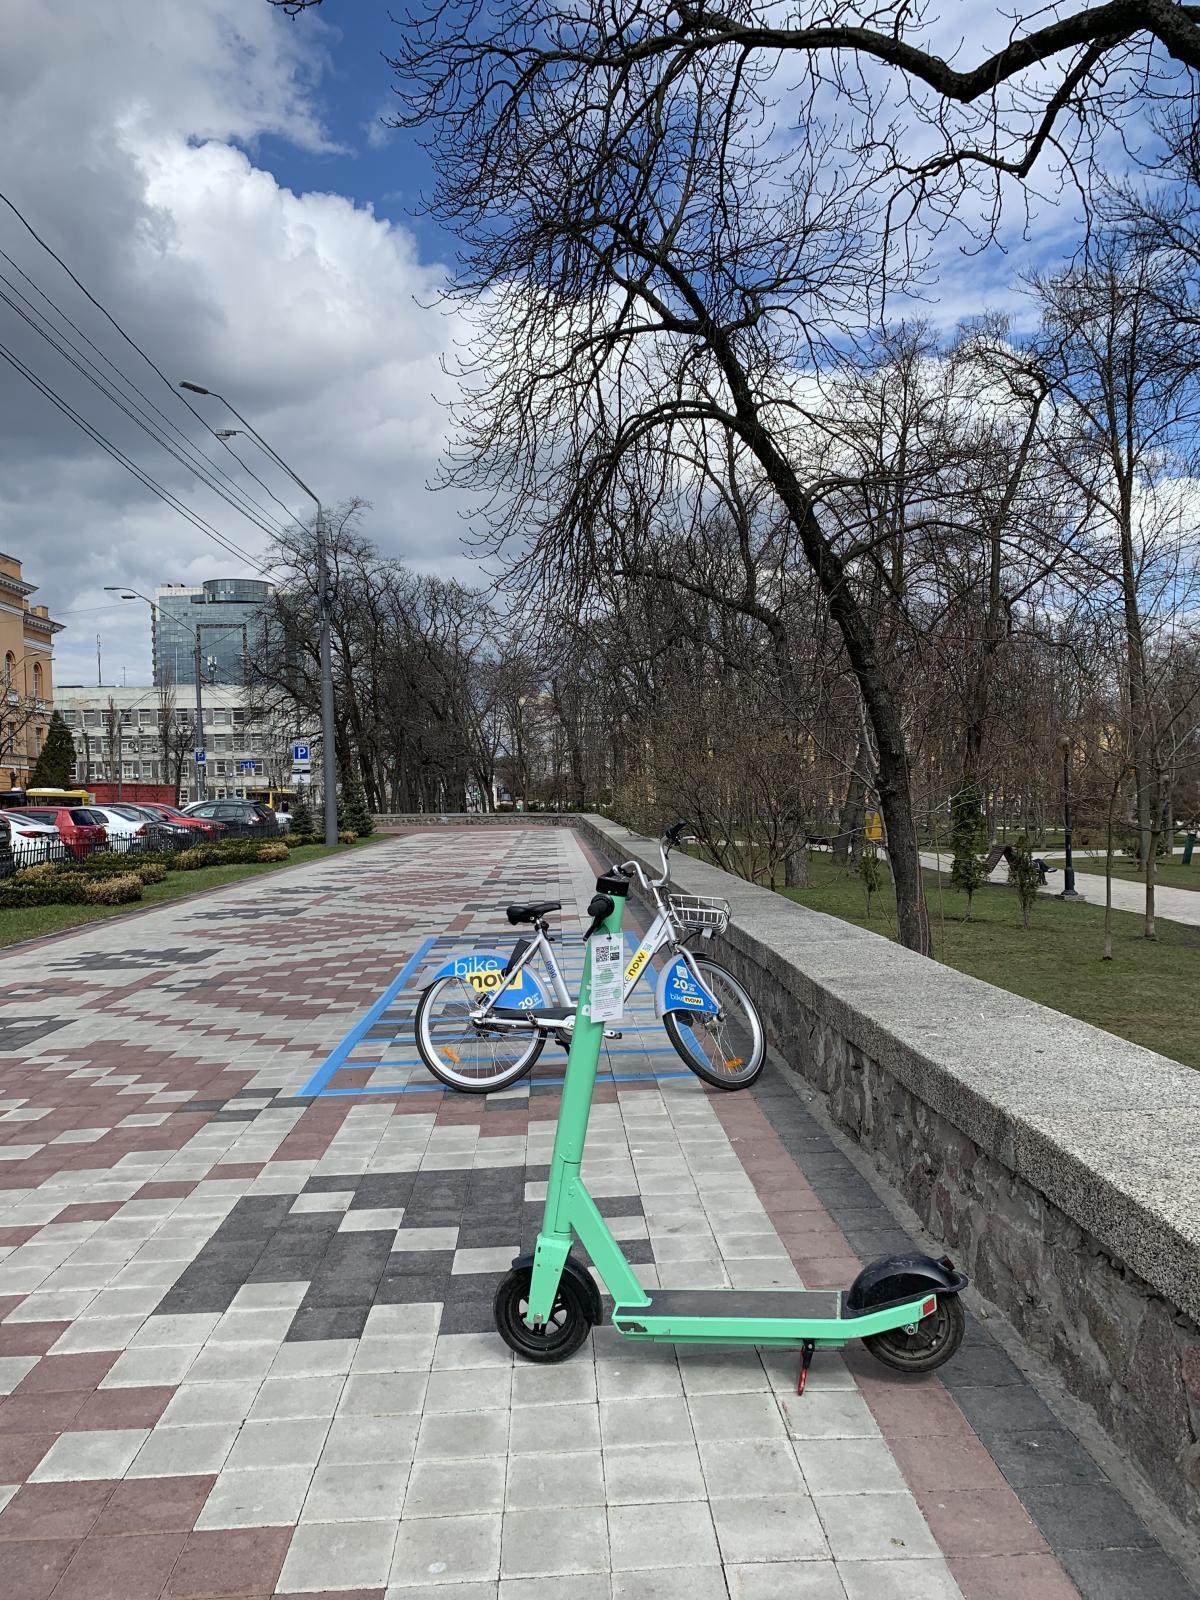 Еще однойпроблемой стали конфликты киевлян засамокаты и велосипеды разных служб / фото УНИАН